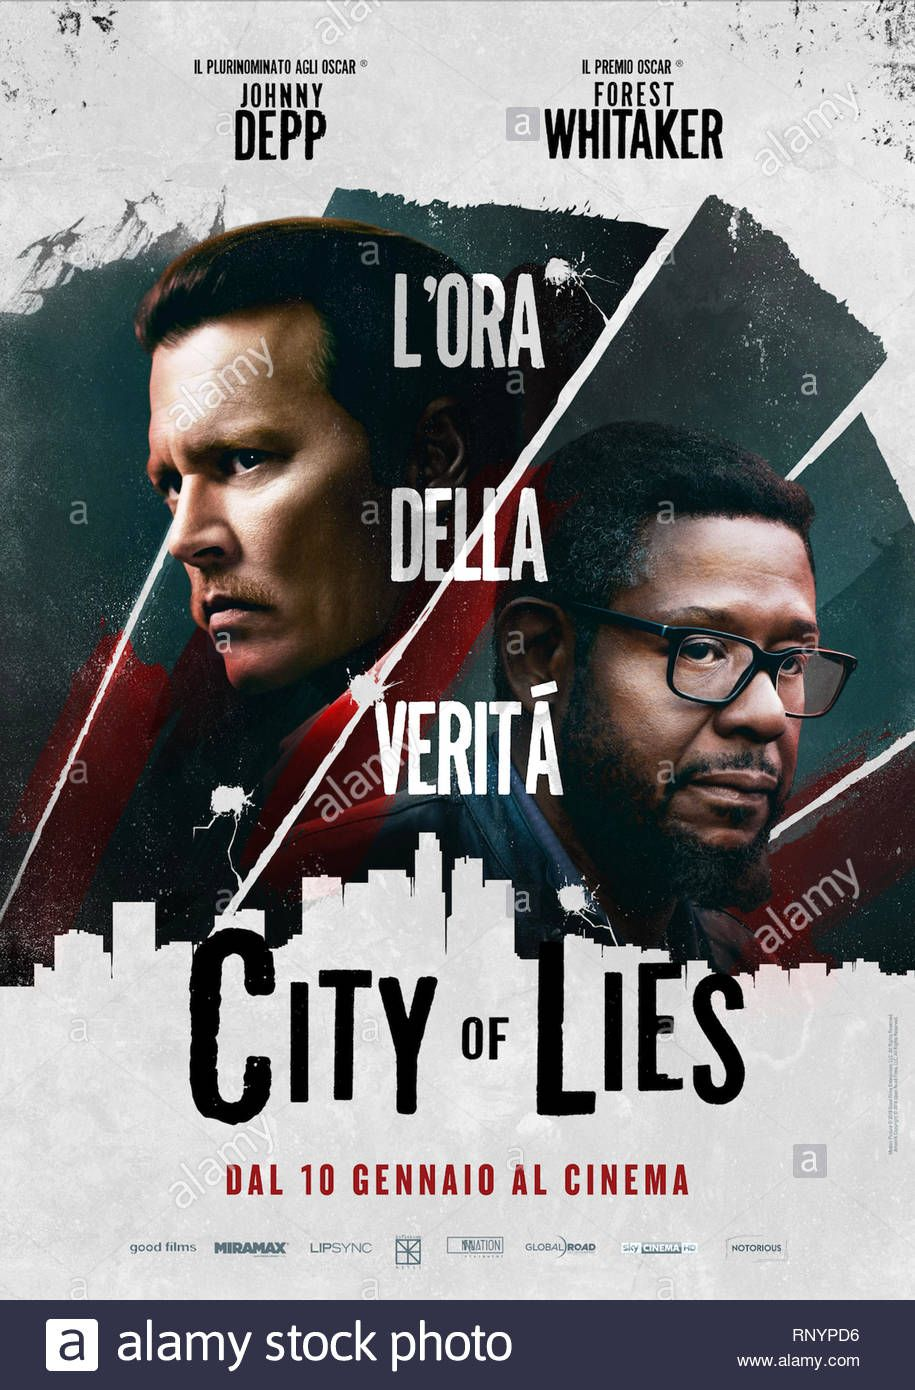 City Of Lies Filmes De Johnny Depp Johnny Depp Filmes